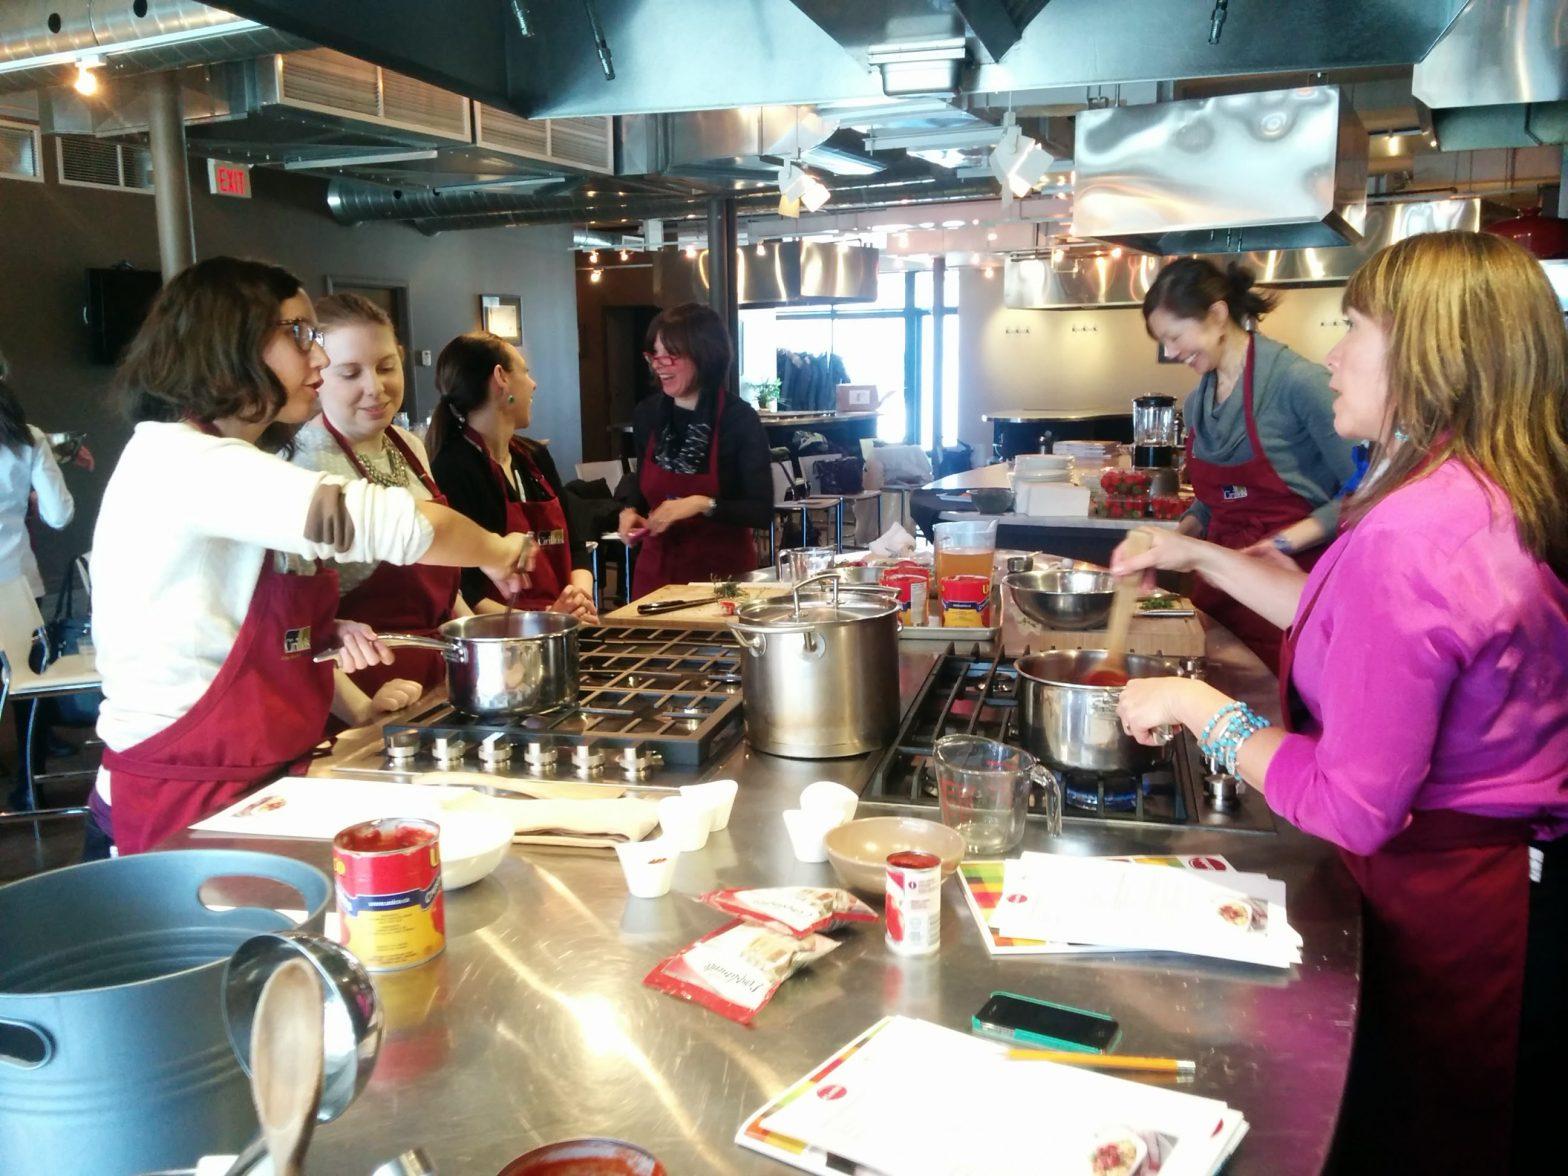 dietitians cooking lentils